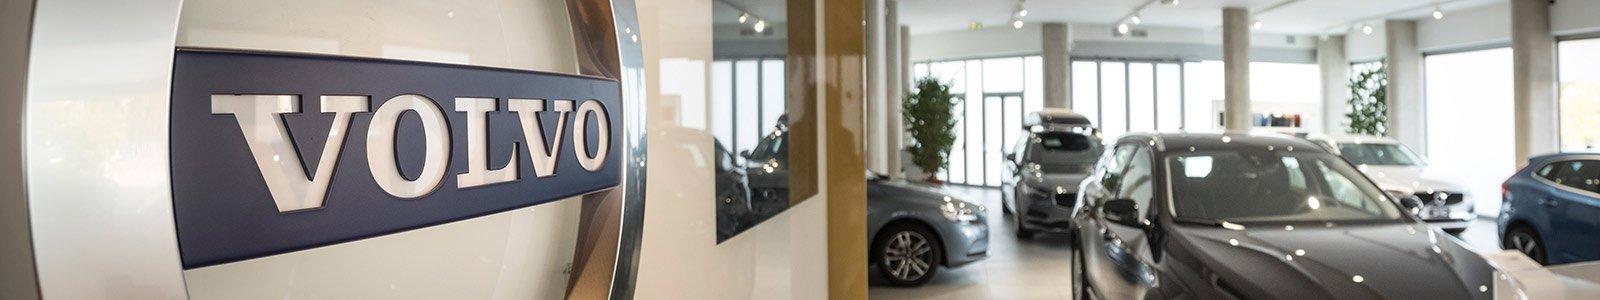 News ed eventi Volvo - Concessionario Veglio - Alba